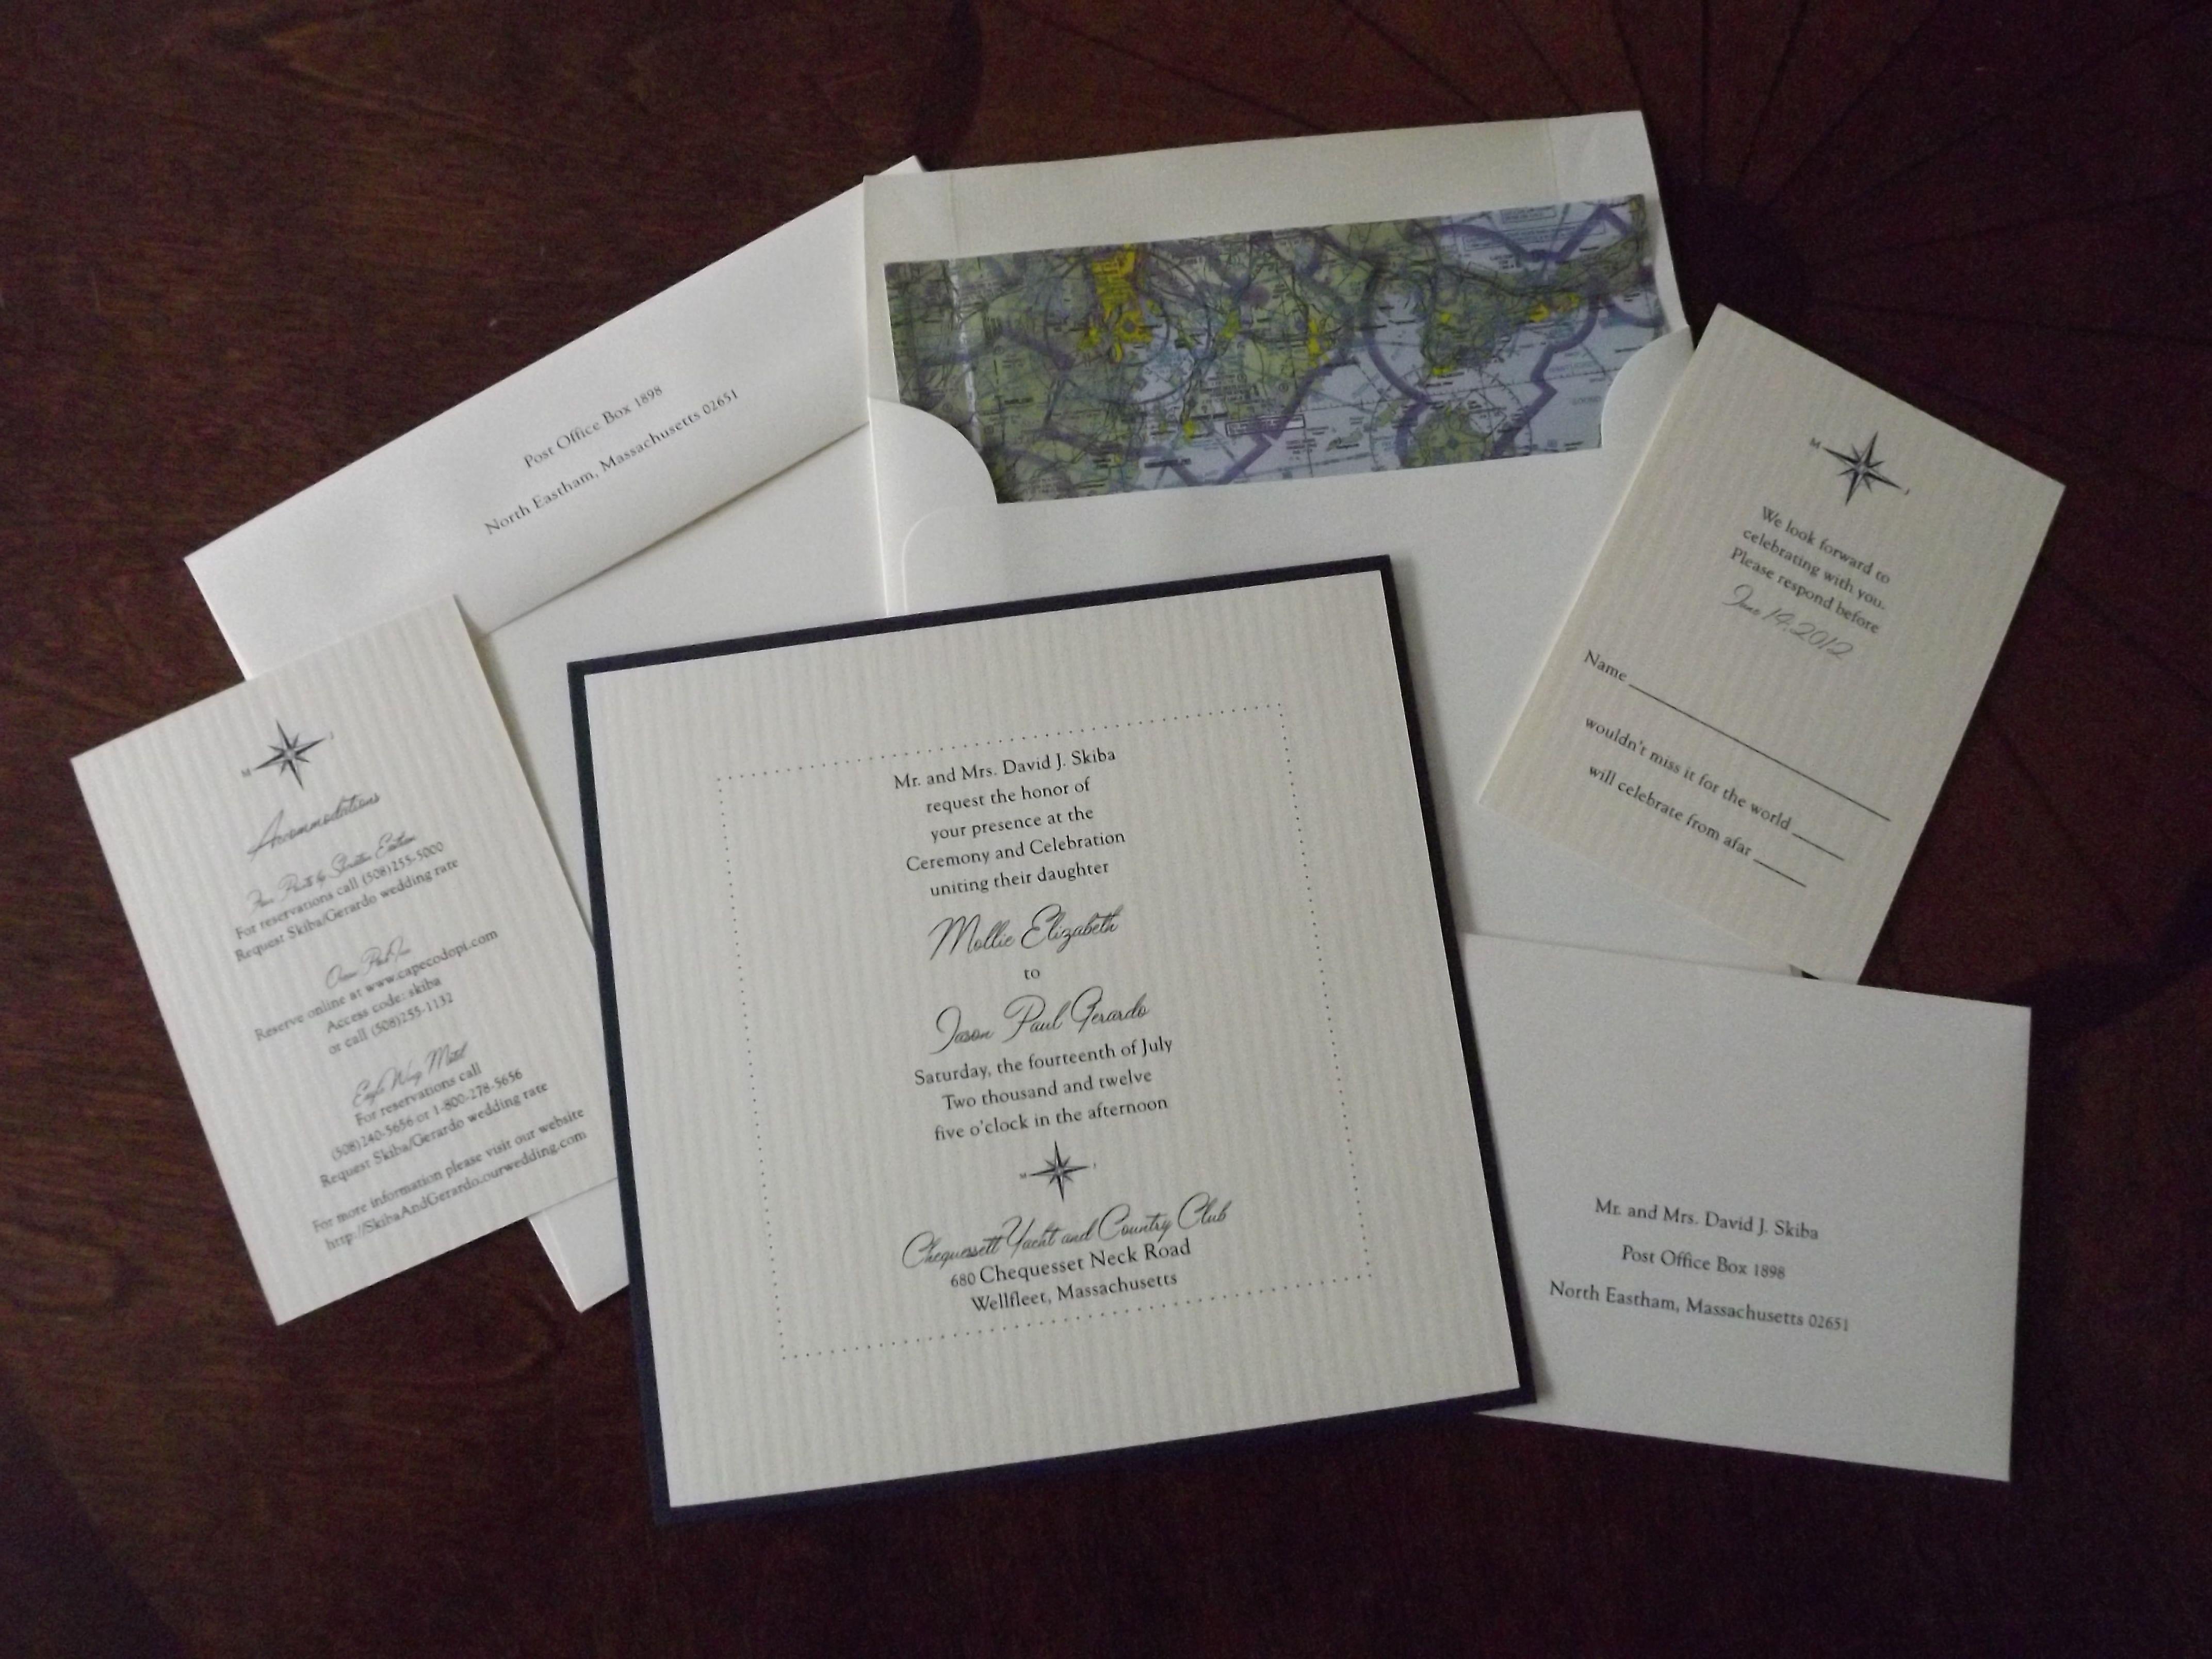 Wedding Invitation Vendor Lady Slipper Stationery